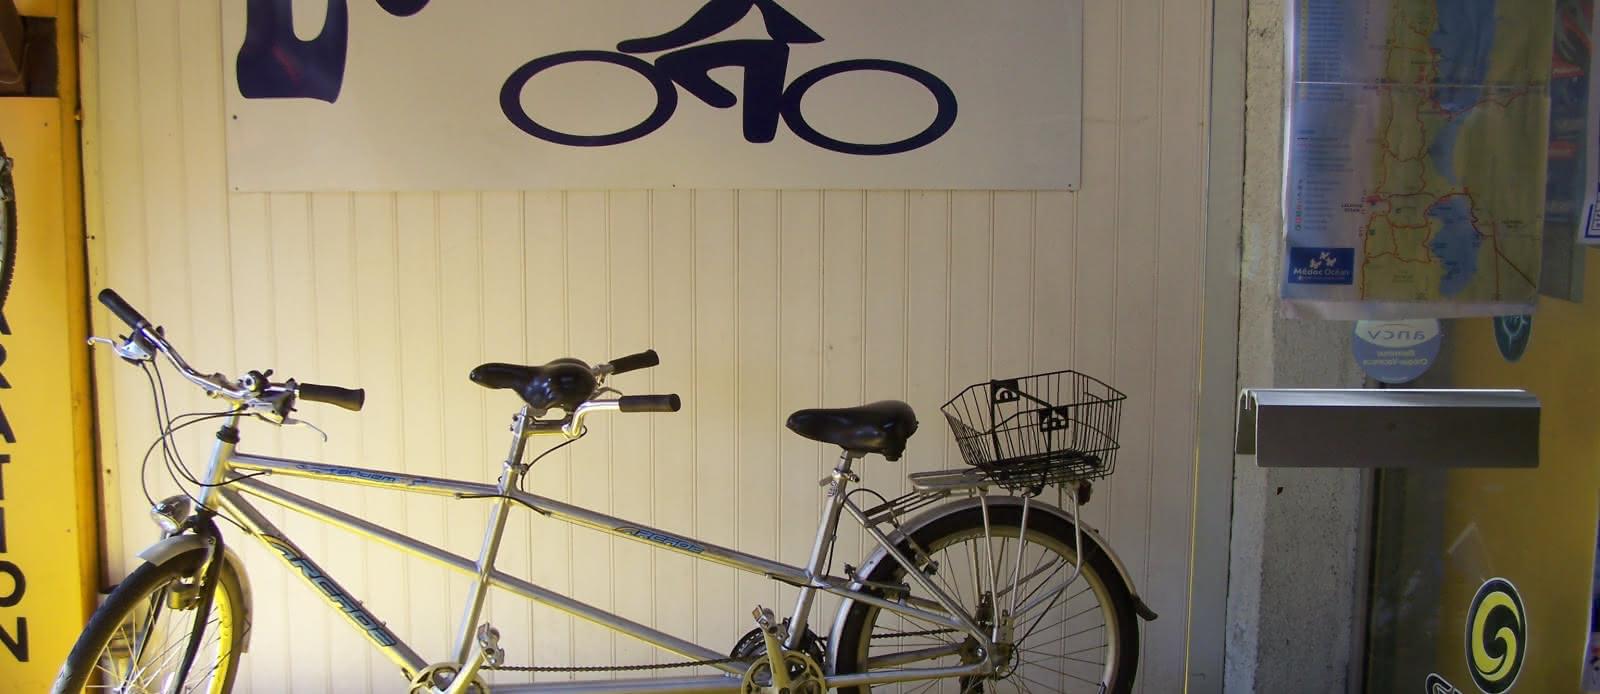 Activité de Plein Air Locacycle Lacanau (17)